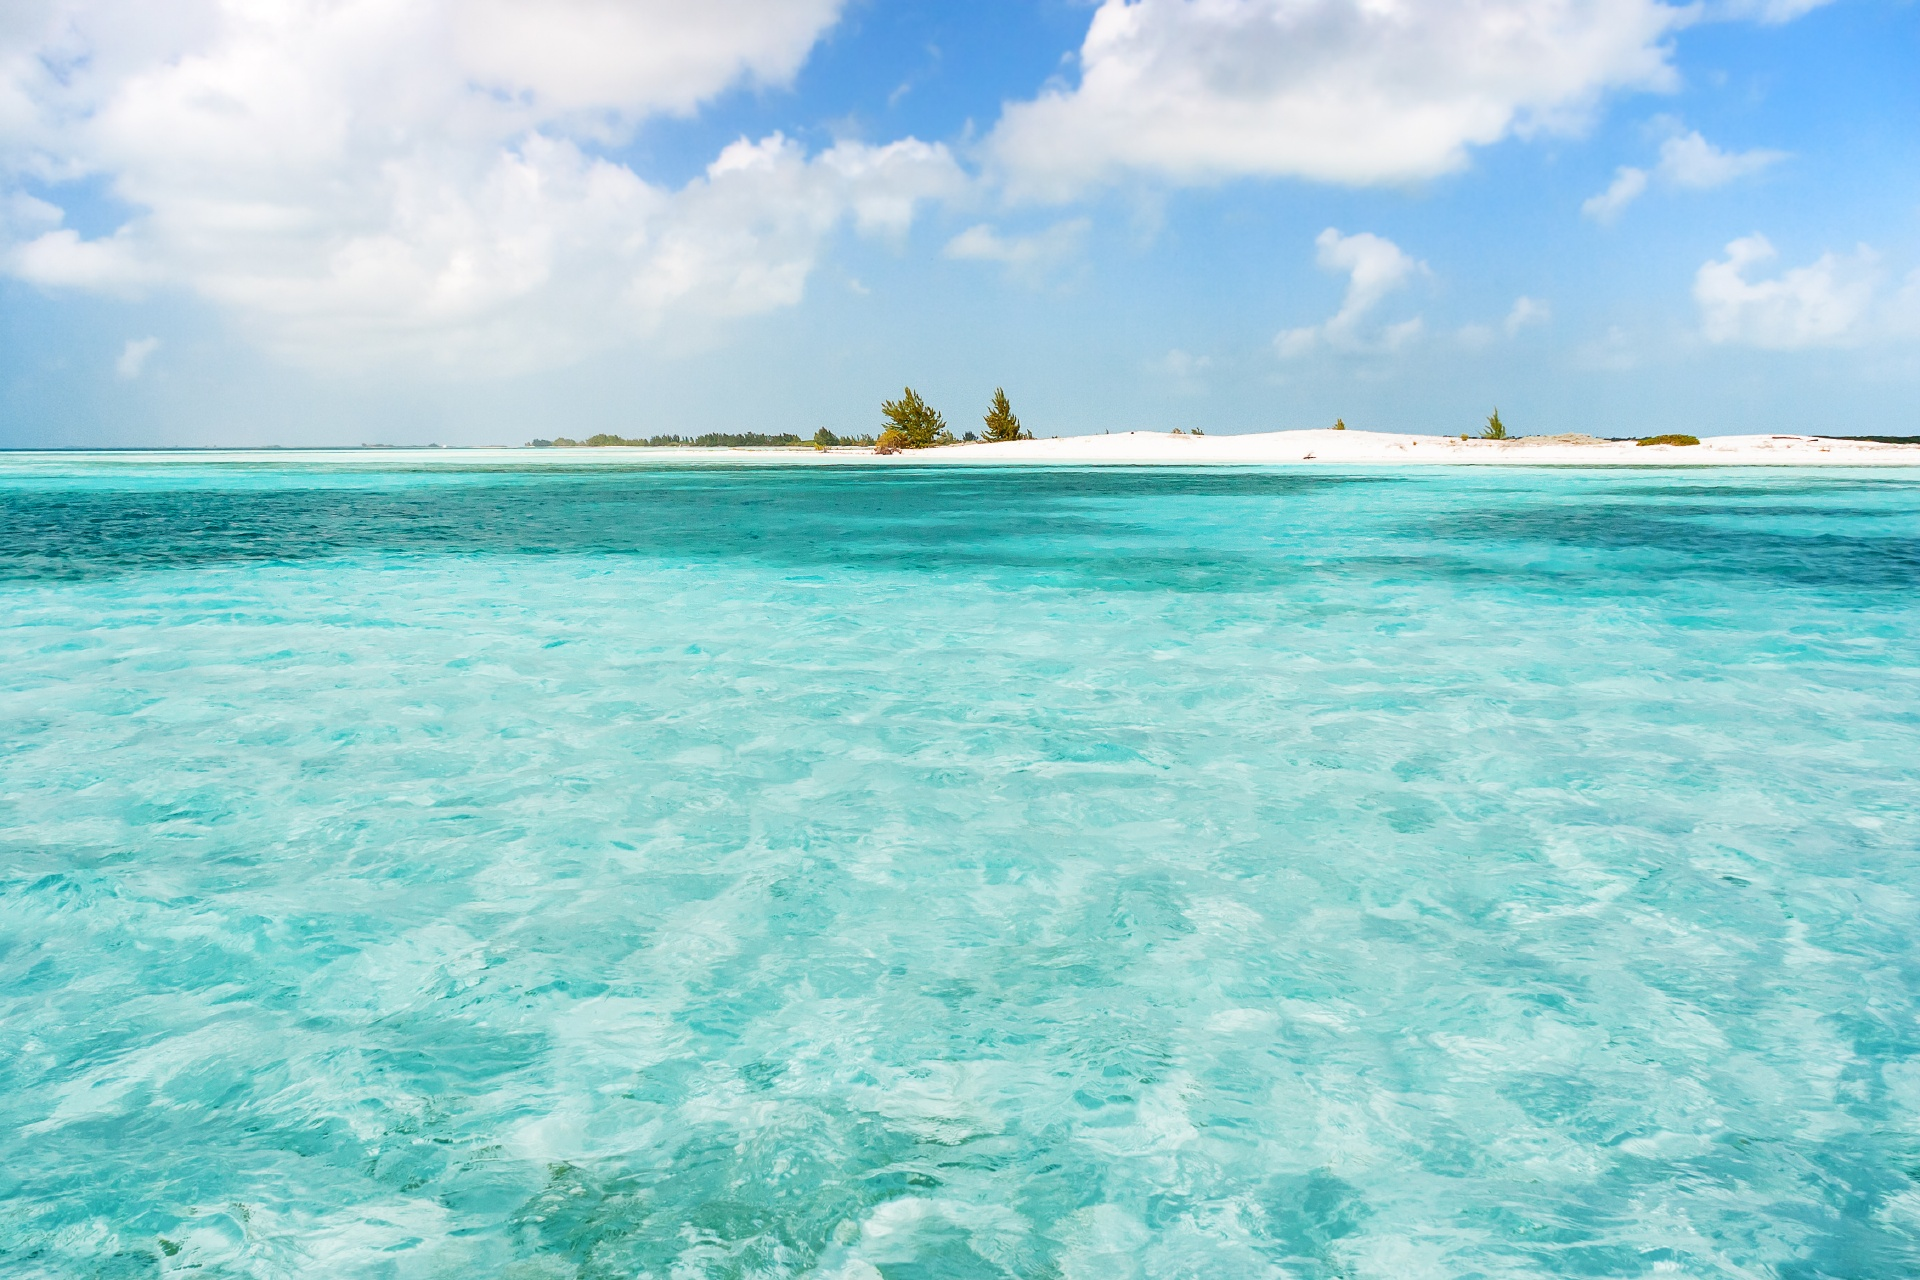 カリブ海の風景 キューバ